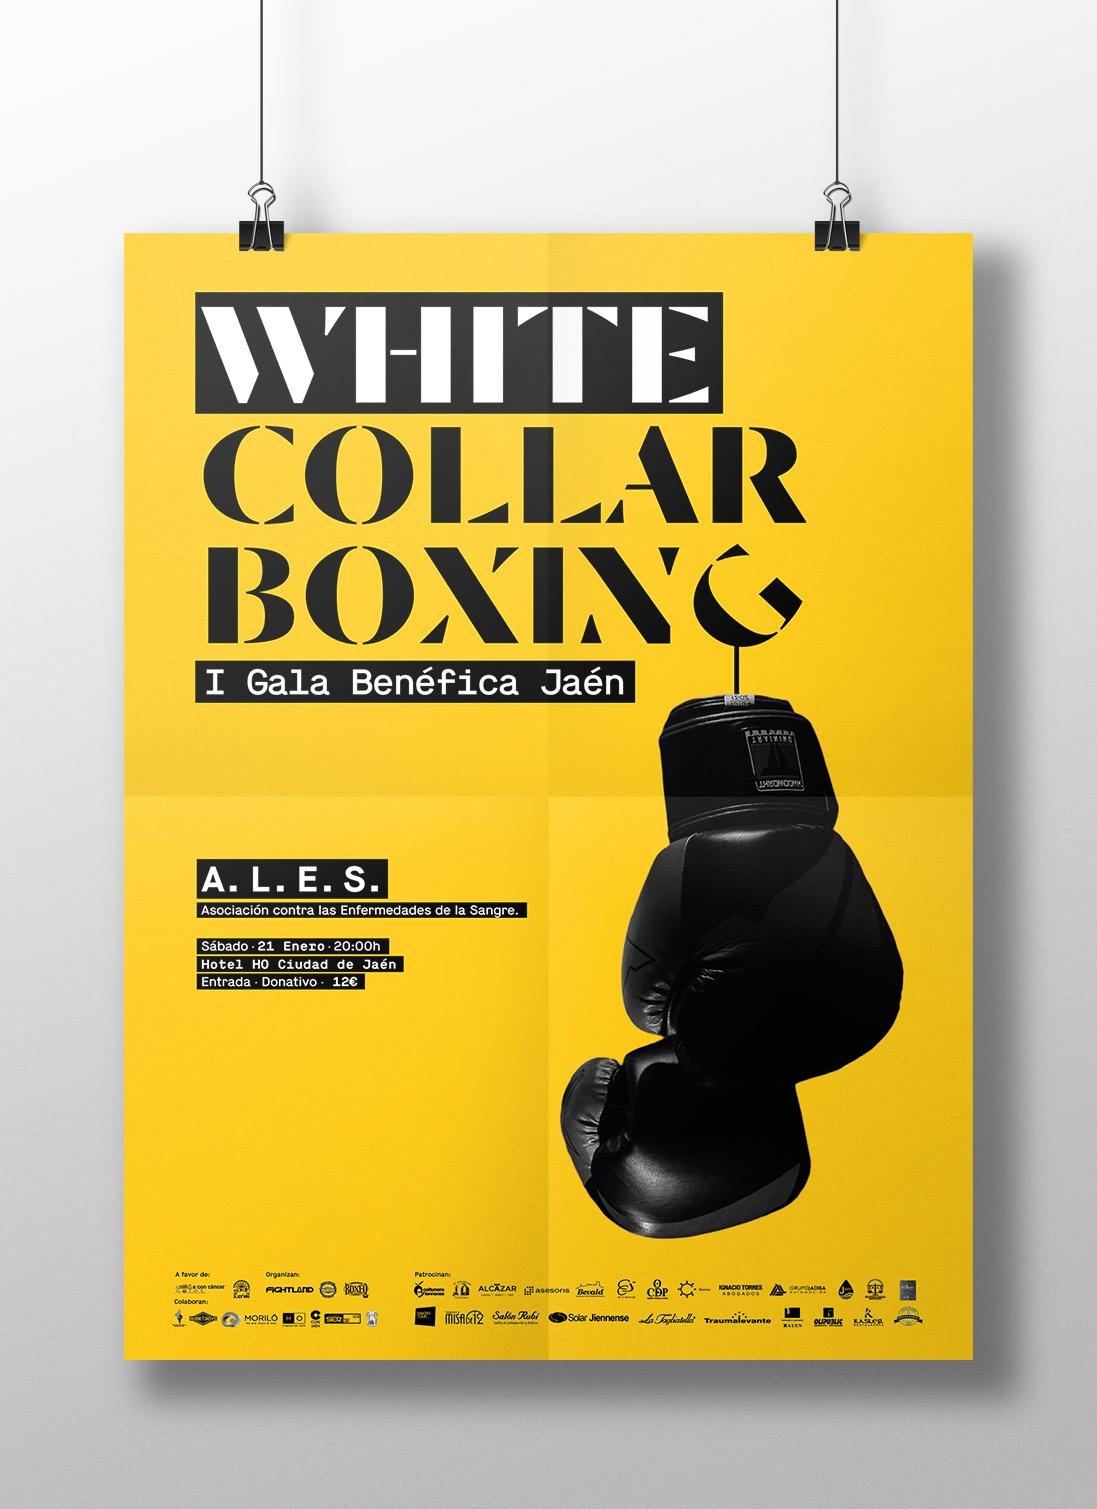 White collar boxing.jpg